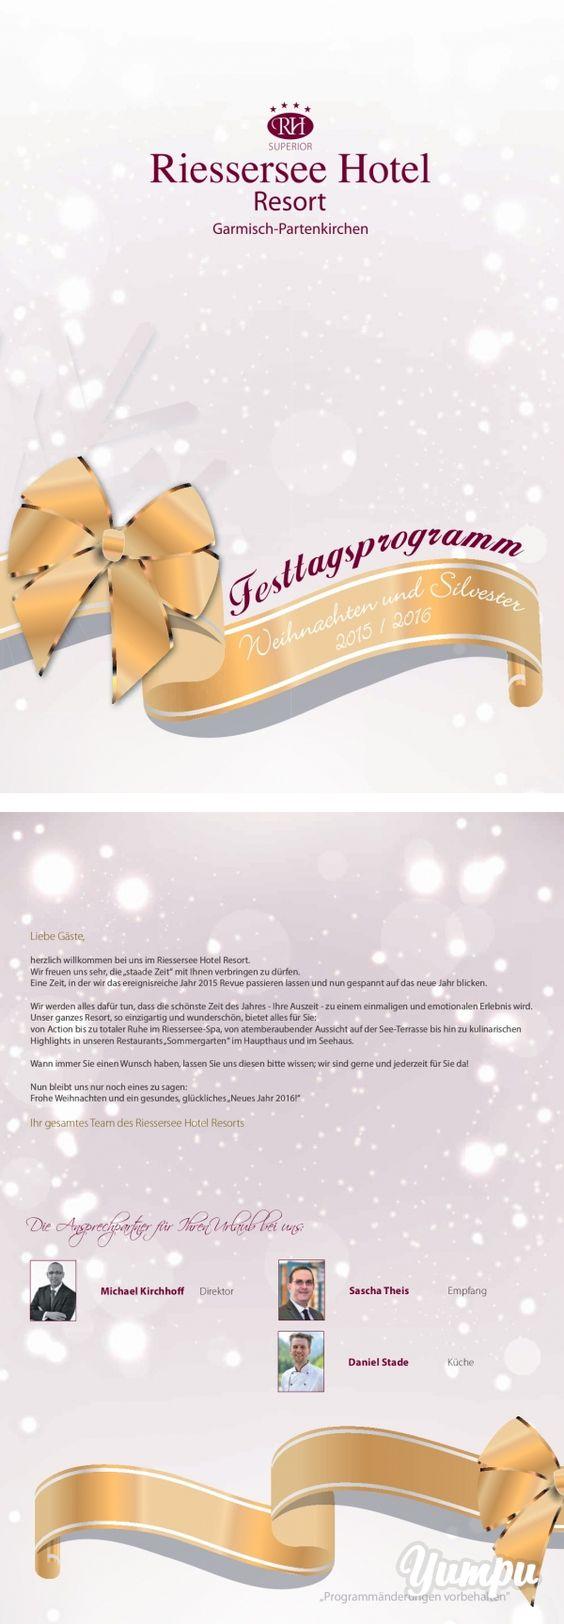 Weihnachtsprogramm Riessersee Hotel Resort Garmisch-Partenkirchen 2015/2016 - Magazine with 28 pages: Programm für Ihren Urlaub über Weihnachten und Silvester in Garmisch-Partenkirchen im Riessersee Hotel Resort an der Zugspitze